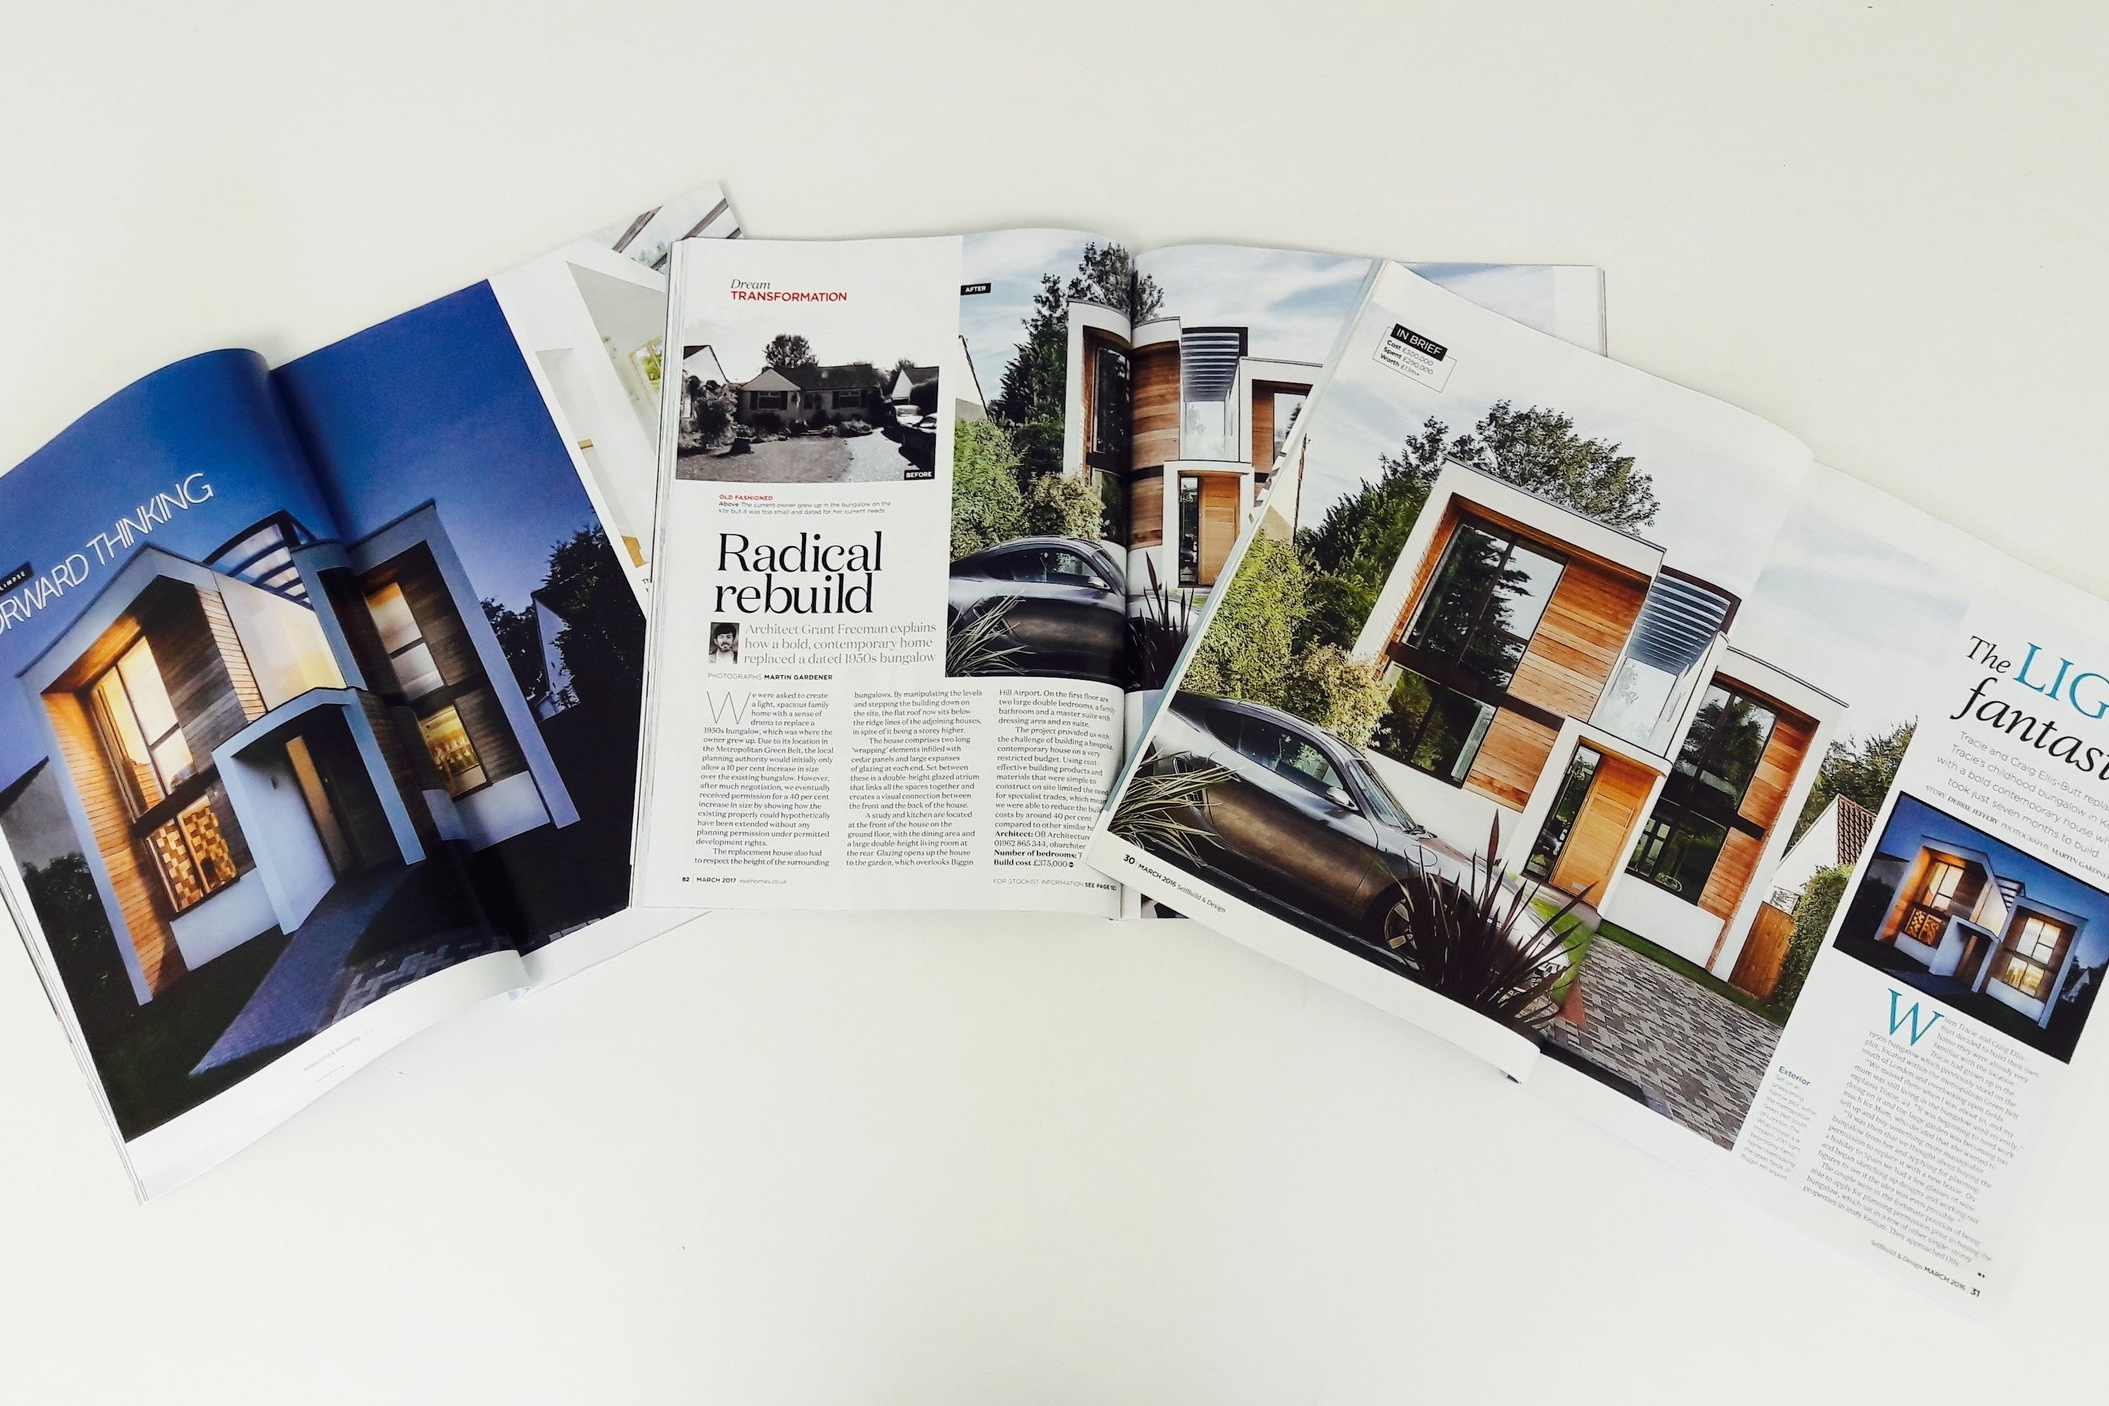 OB_Wrap_House_New_Build_Mags.jpg